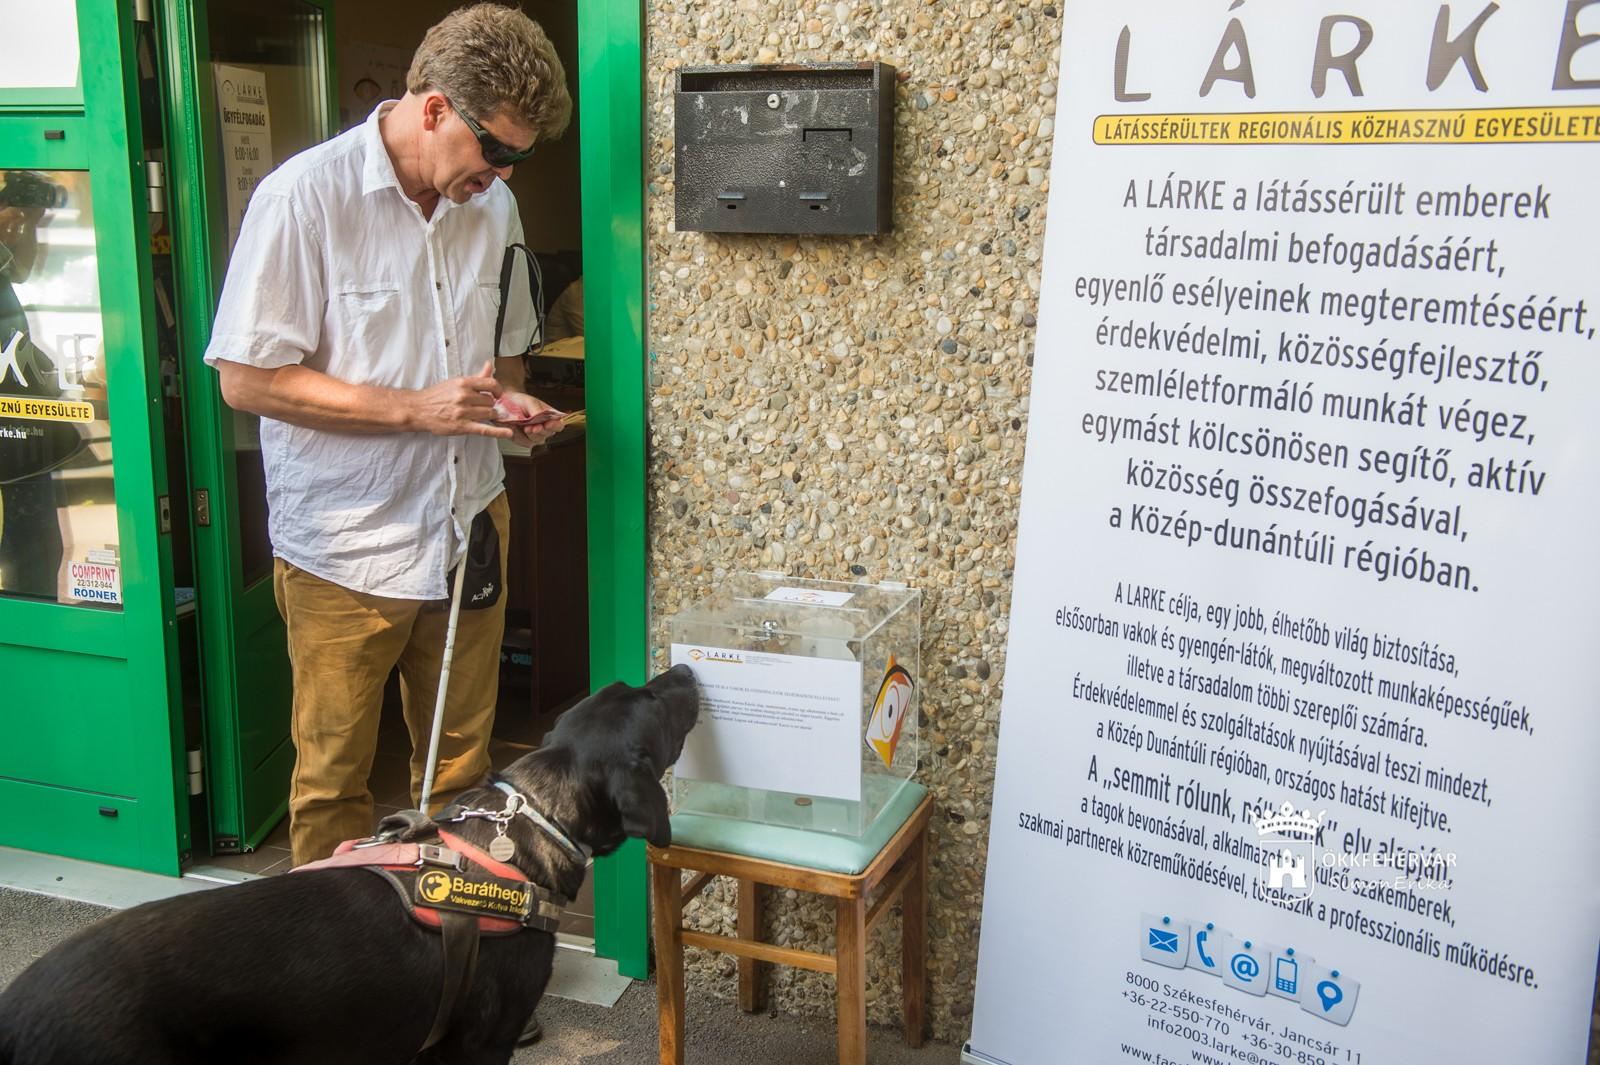 Okoseszközökkel a látássérültekért - Távszem projekt a Lárke-nél